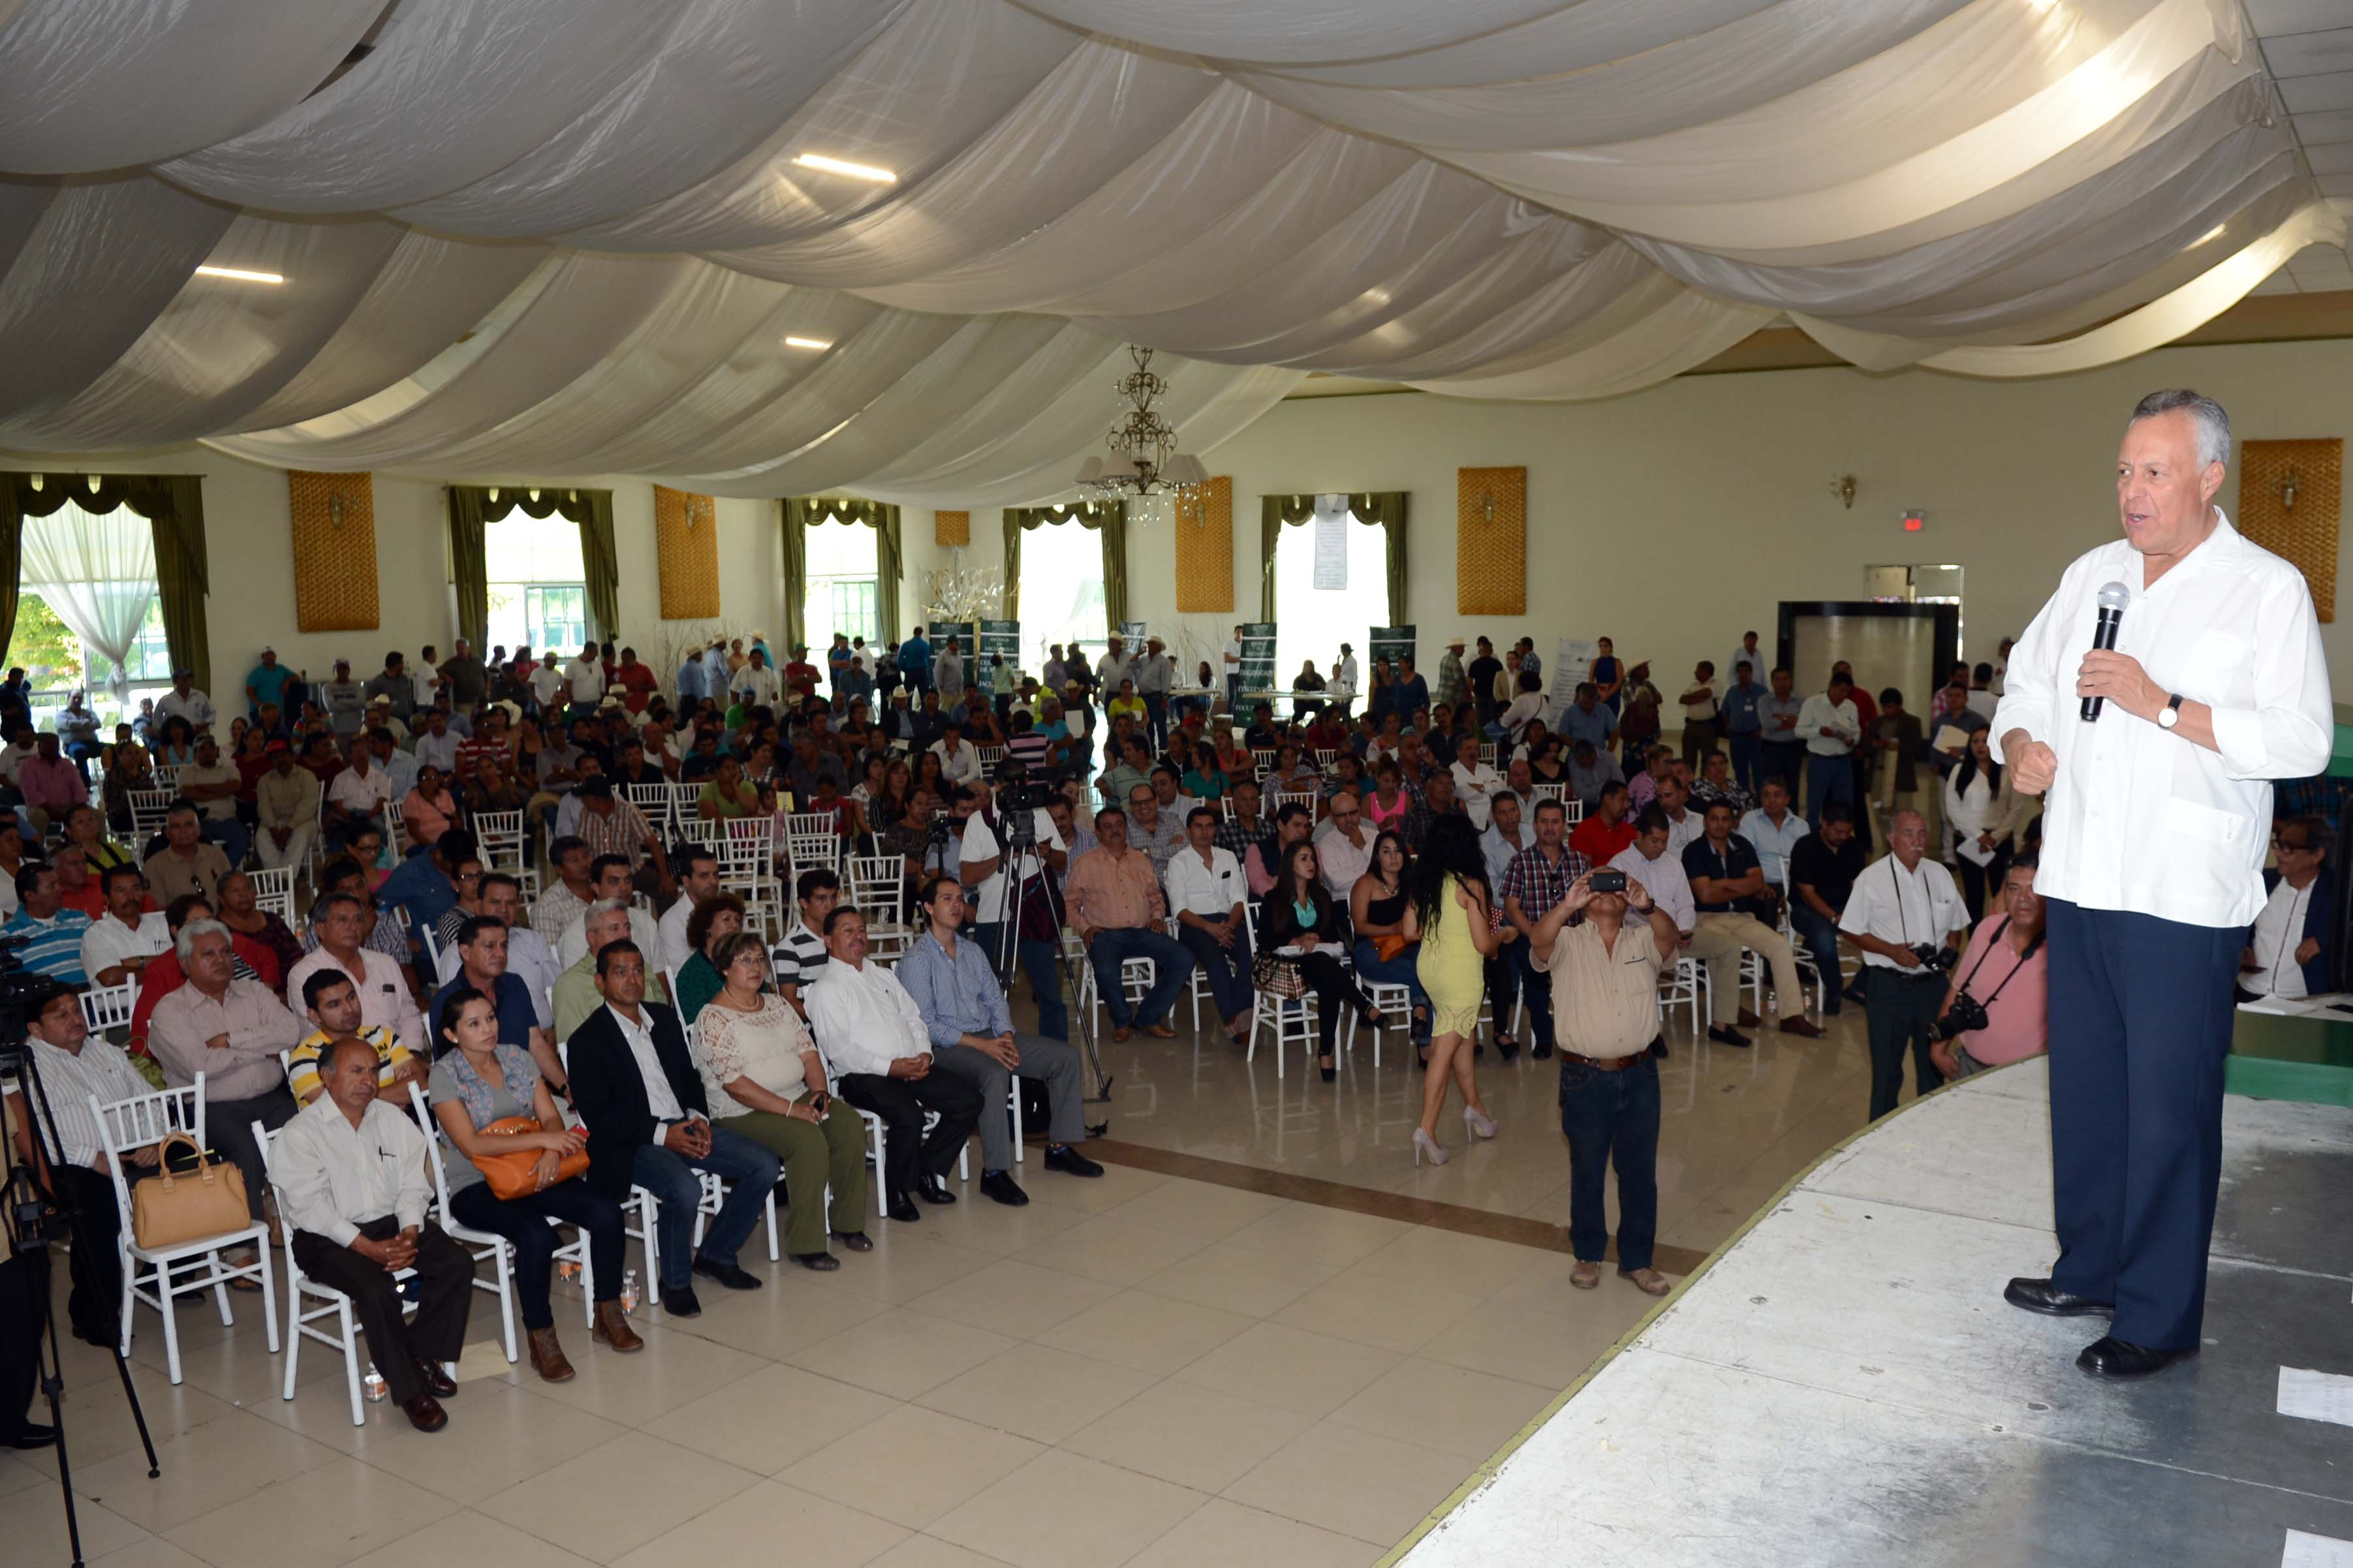 En la foto, el procurador agrario, Cruz López Aguilar, durante su participación en el evento en el que la SEDATU entregó 744 títulos y certificados a más de 500 campesinos de la región norte de Michoacán.